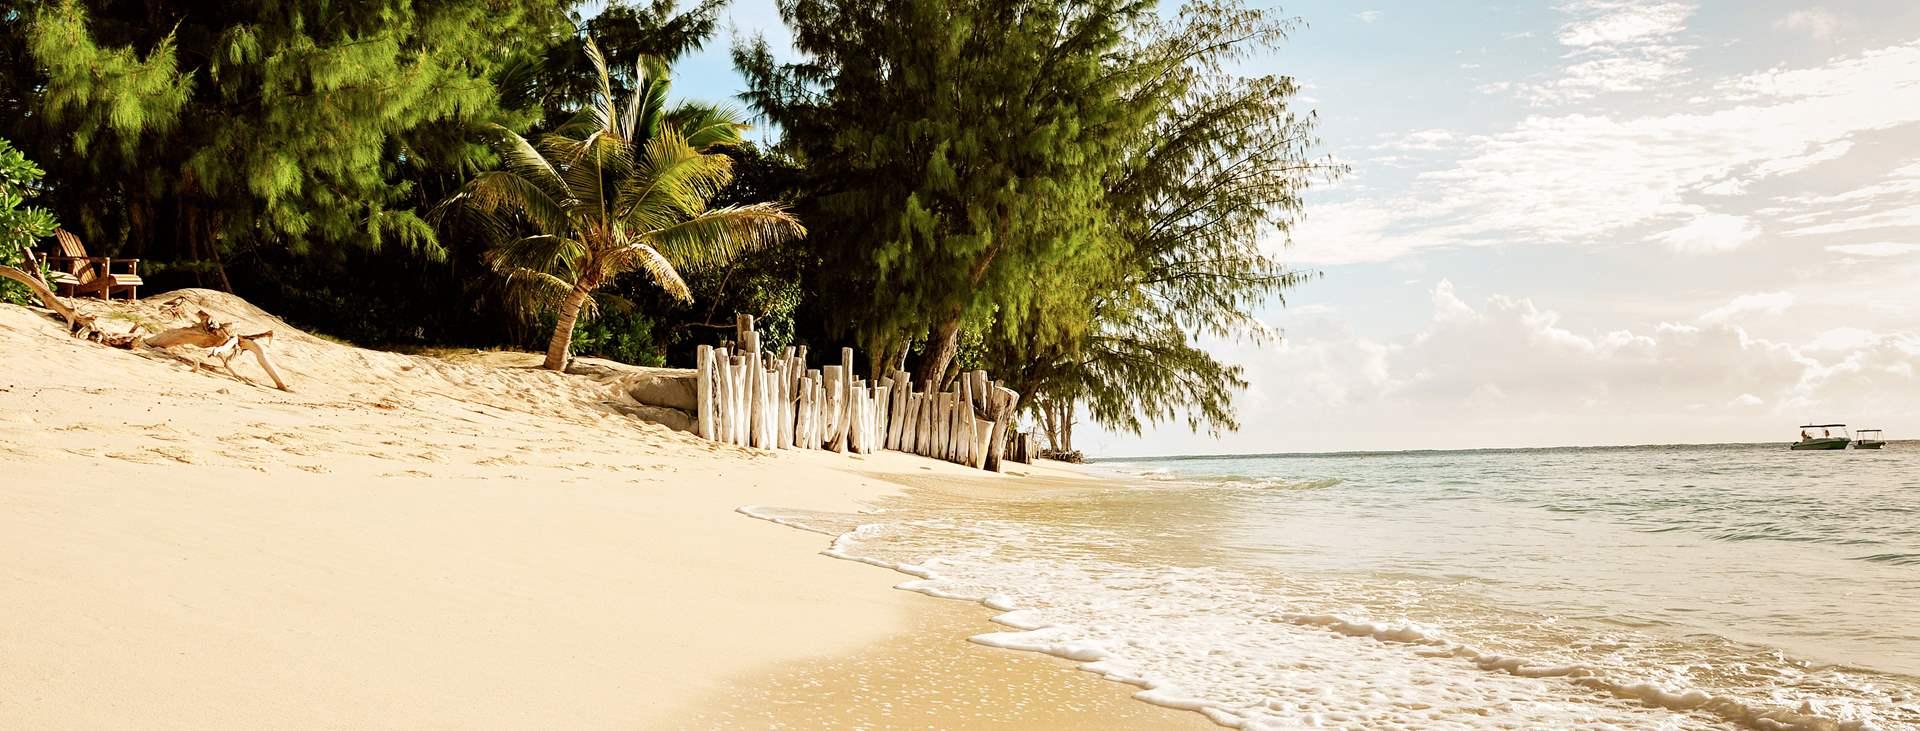 Boka din resa till Denis Island i Seychellerna